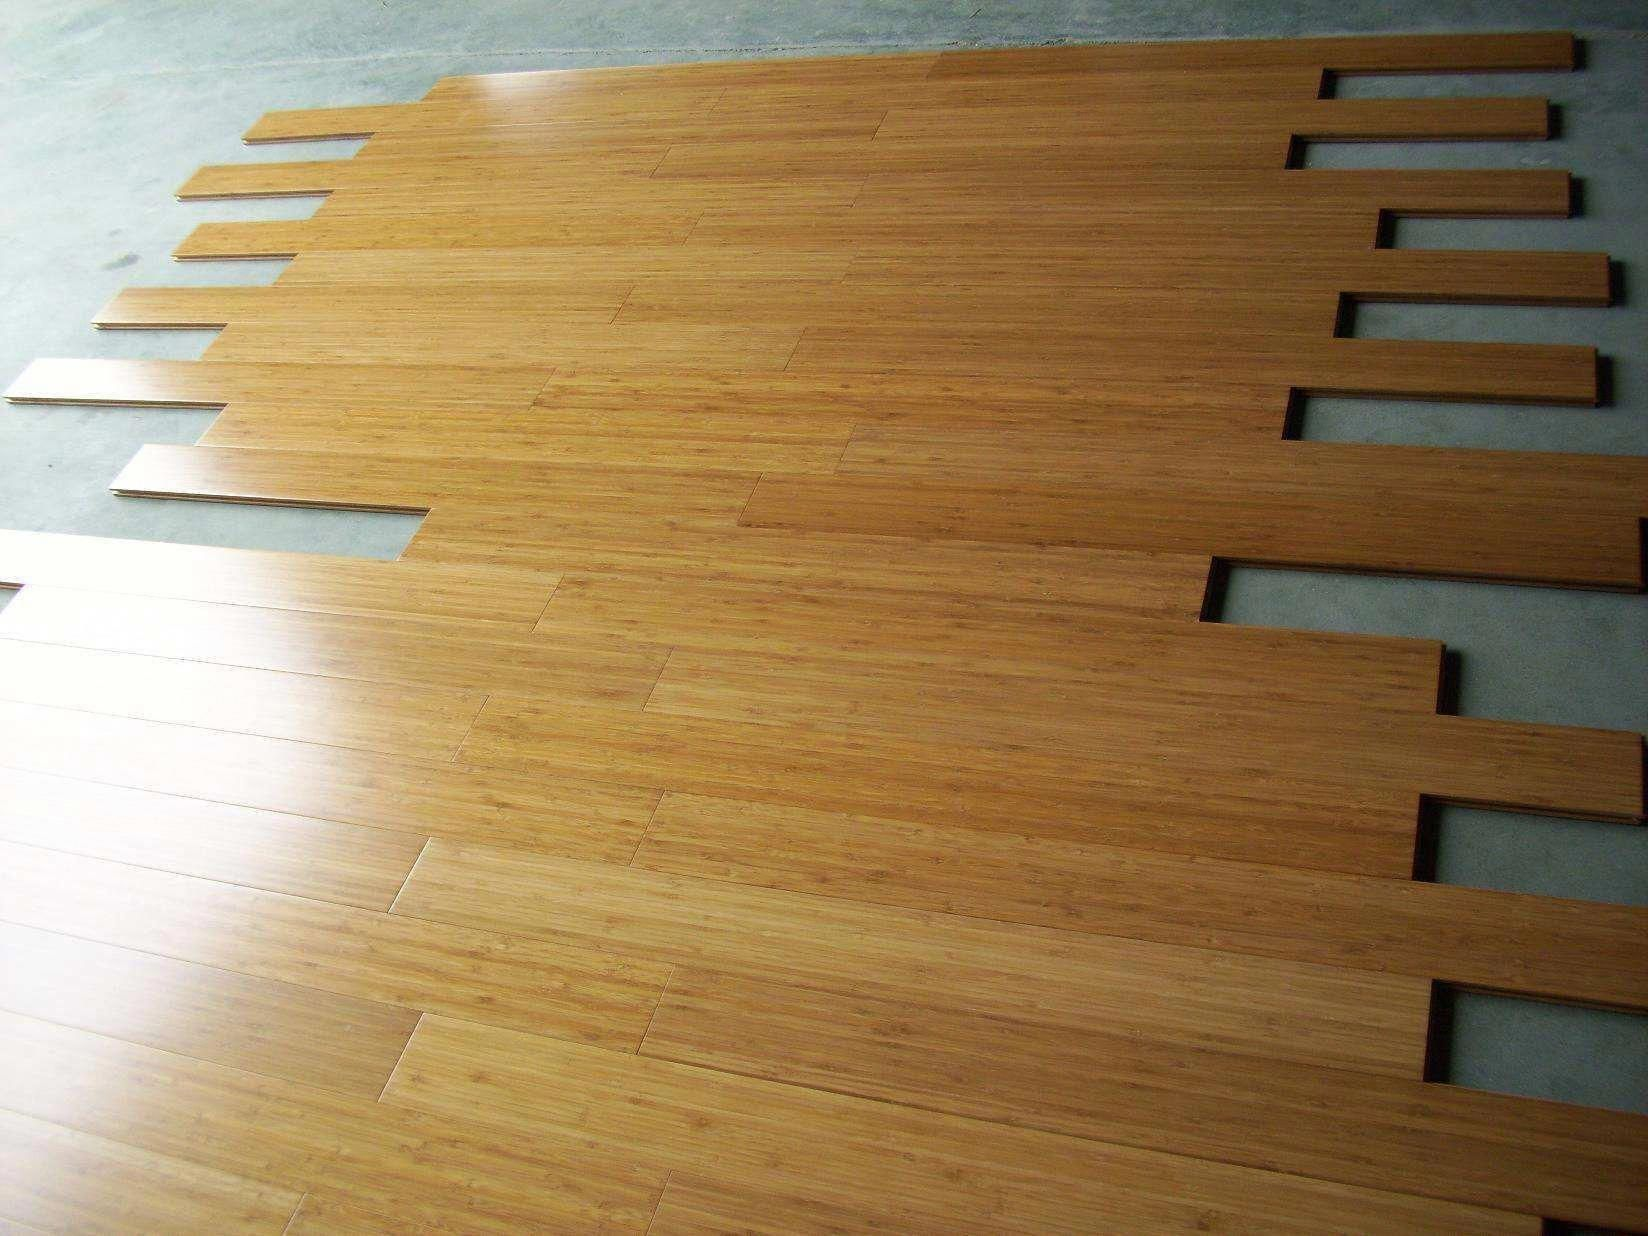 Cork Flooring Vs Engineered Hardwood CarpetsAtIkea